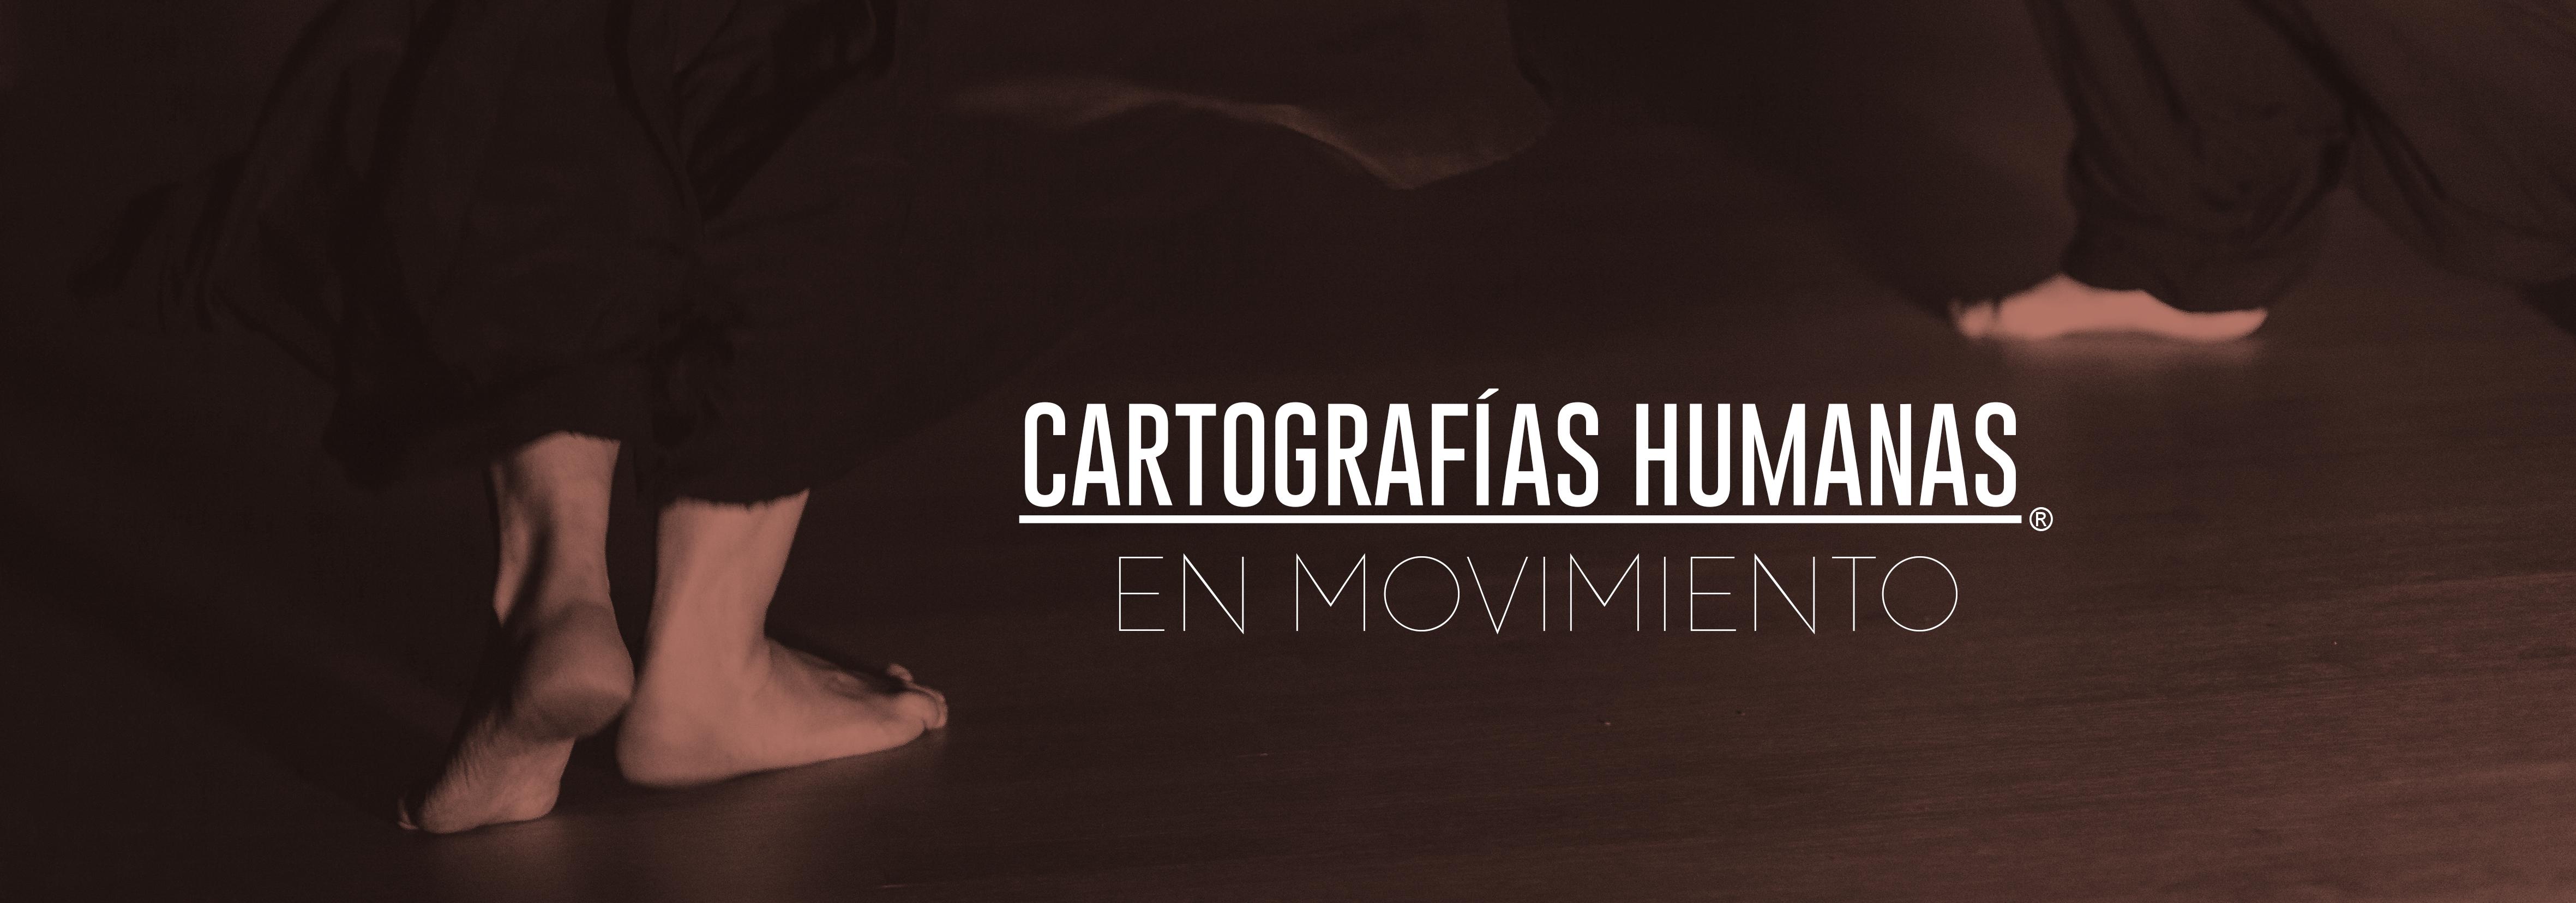 CARTOGRAFÍAS HUMANAS EN MOVIMIENTO3